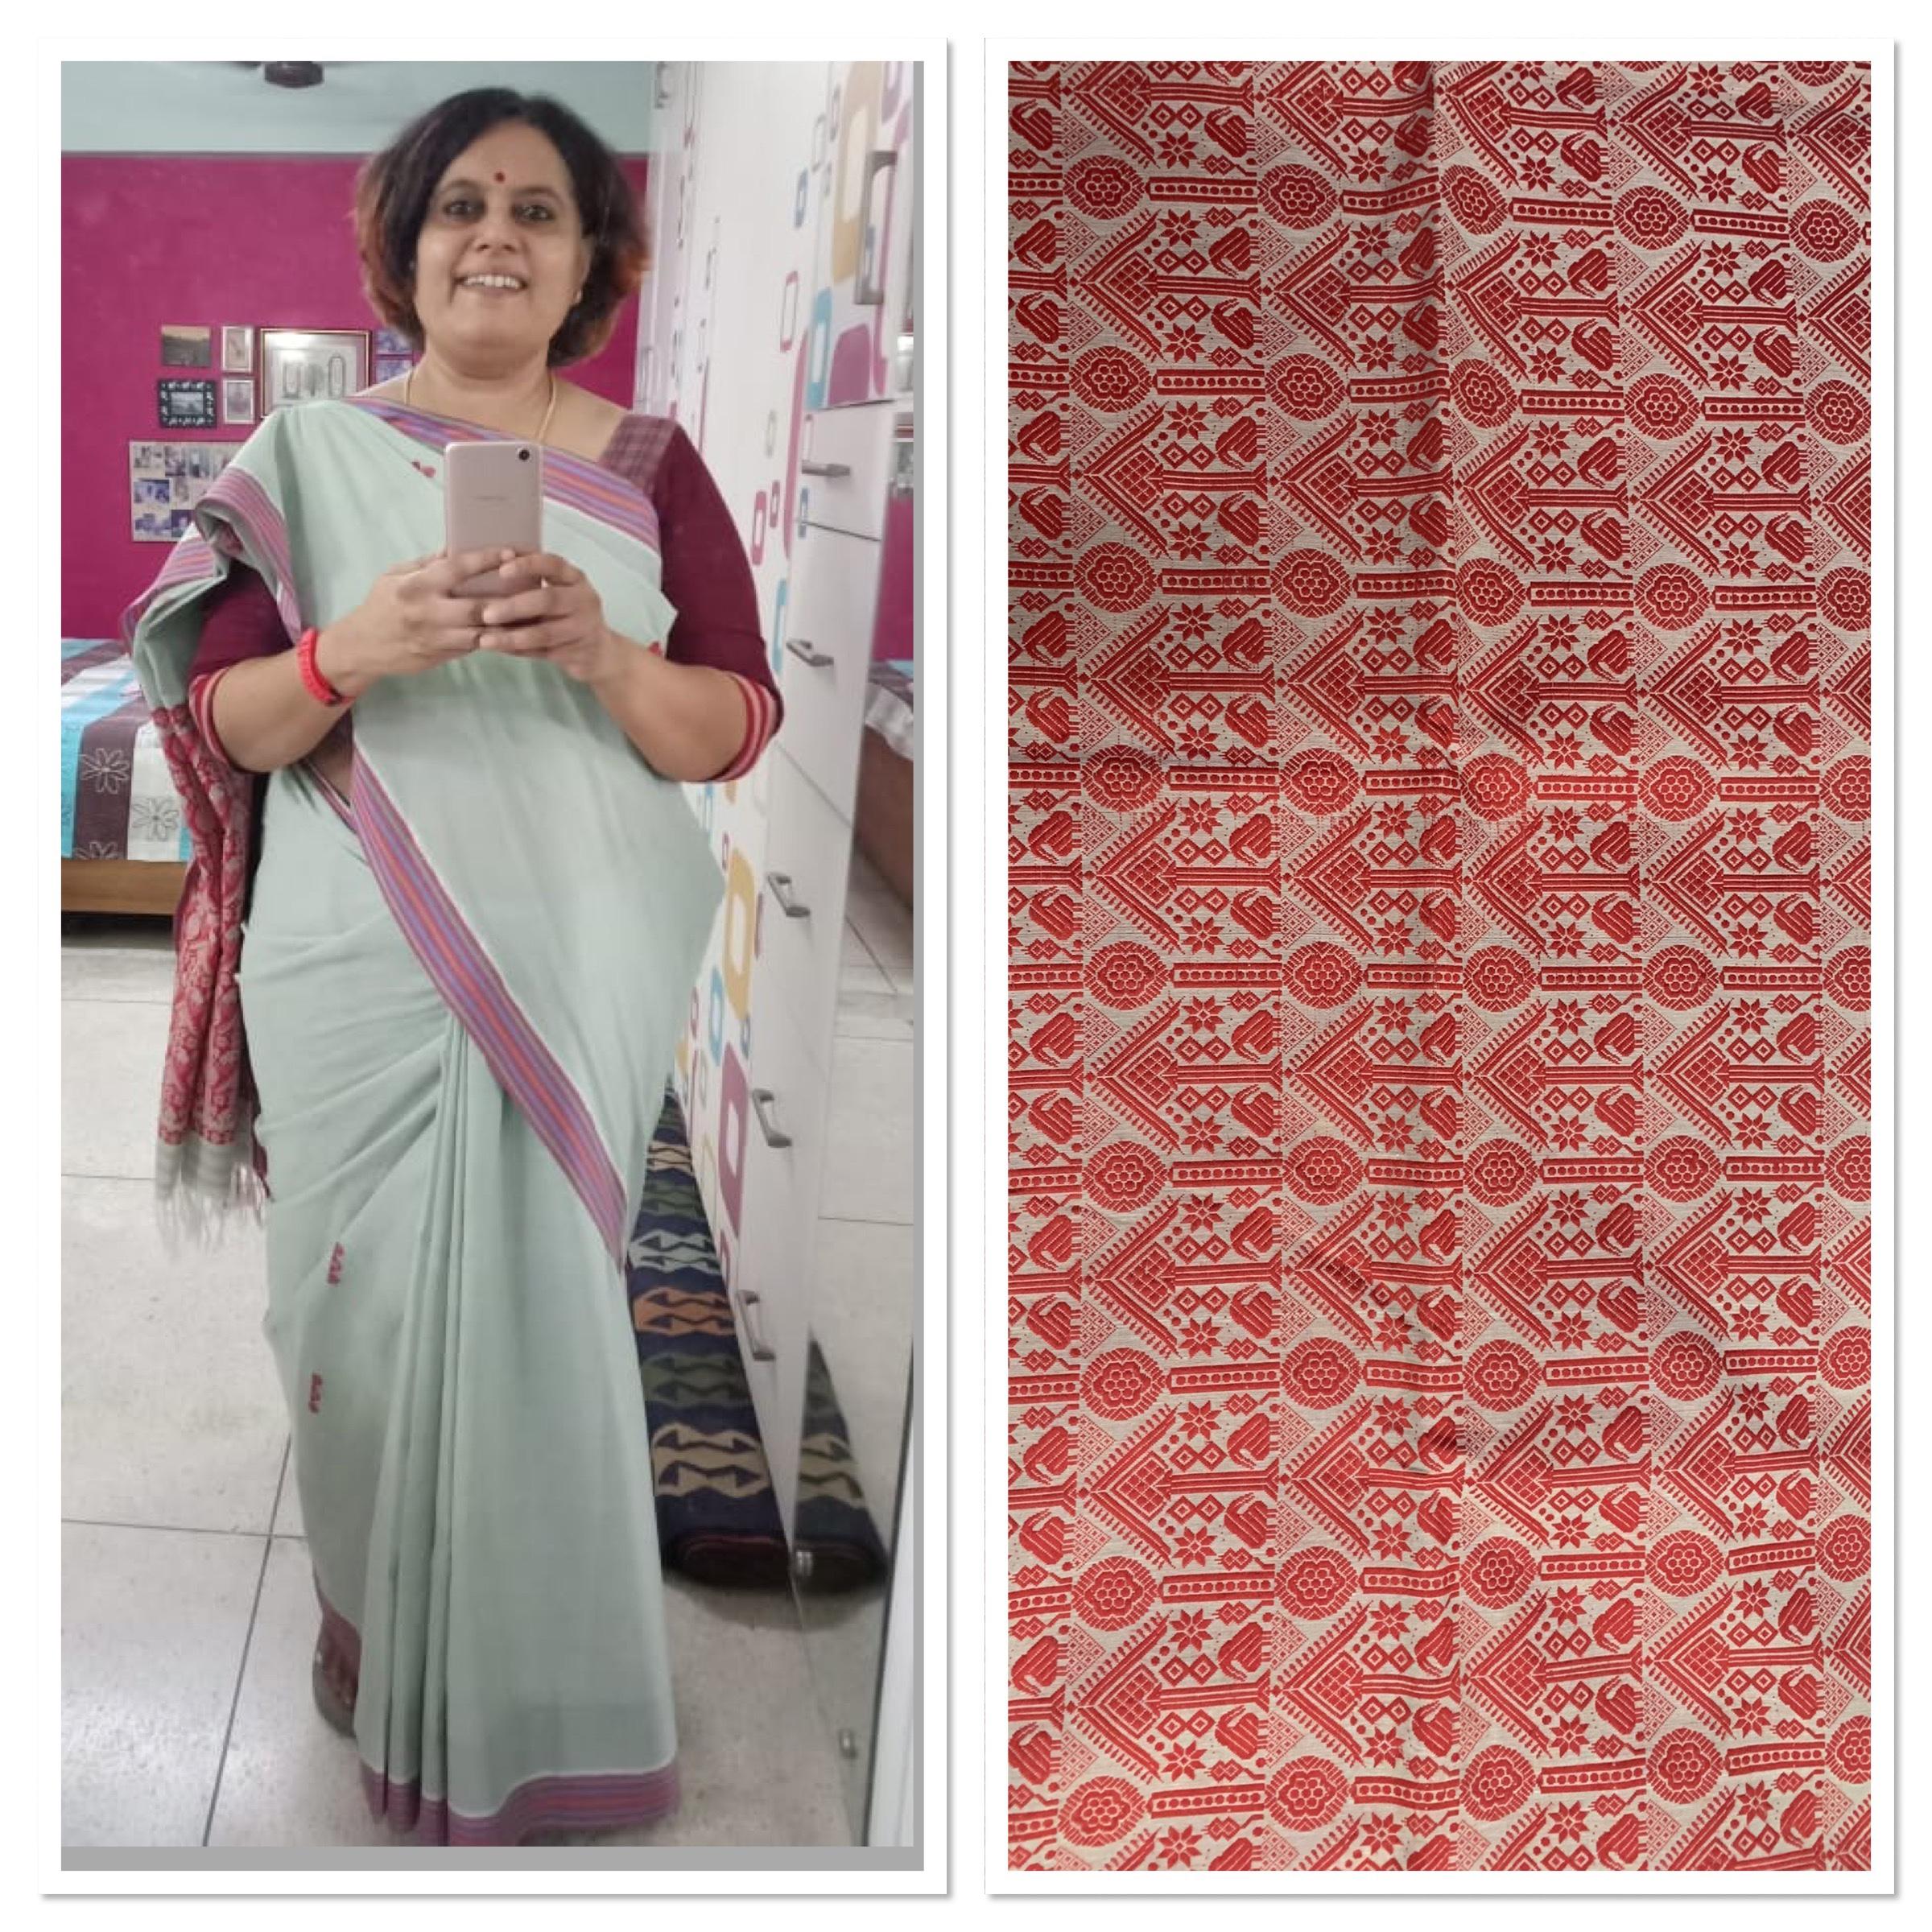 Assam Cotton Beauties